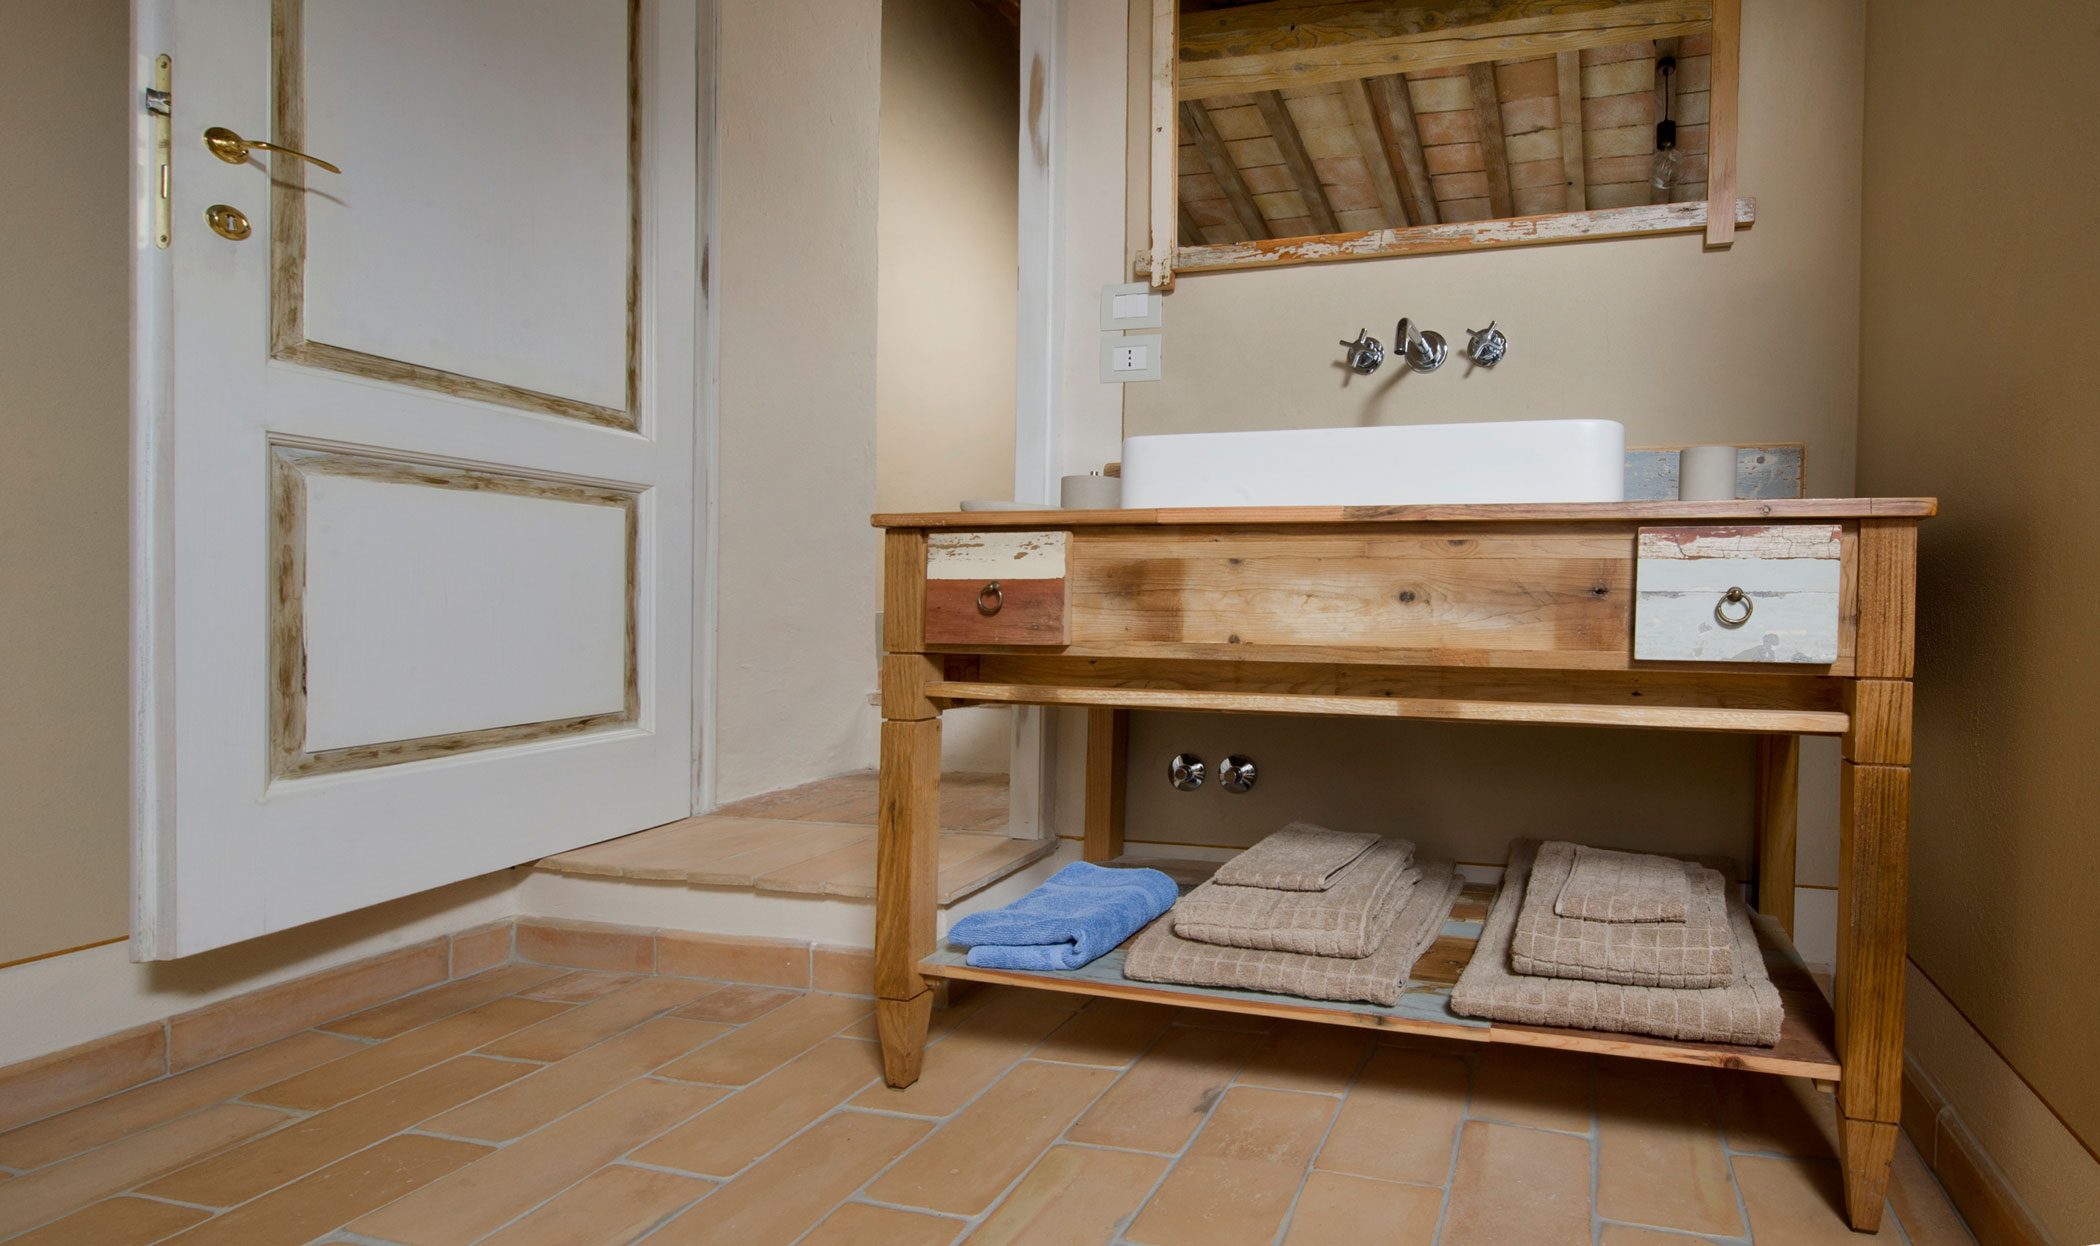 Mobile Sotto Mensola Bagno mobili ed arredi su misura per il bagno